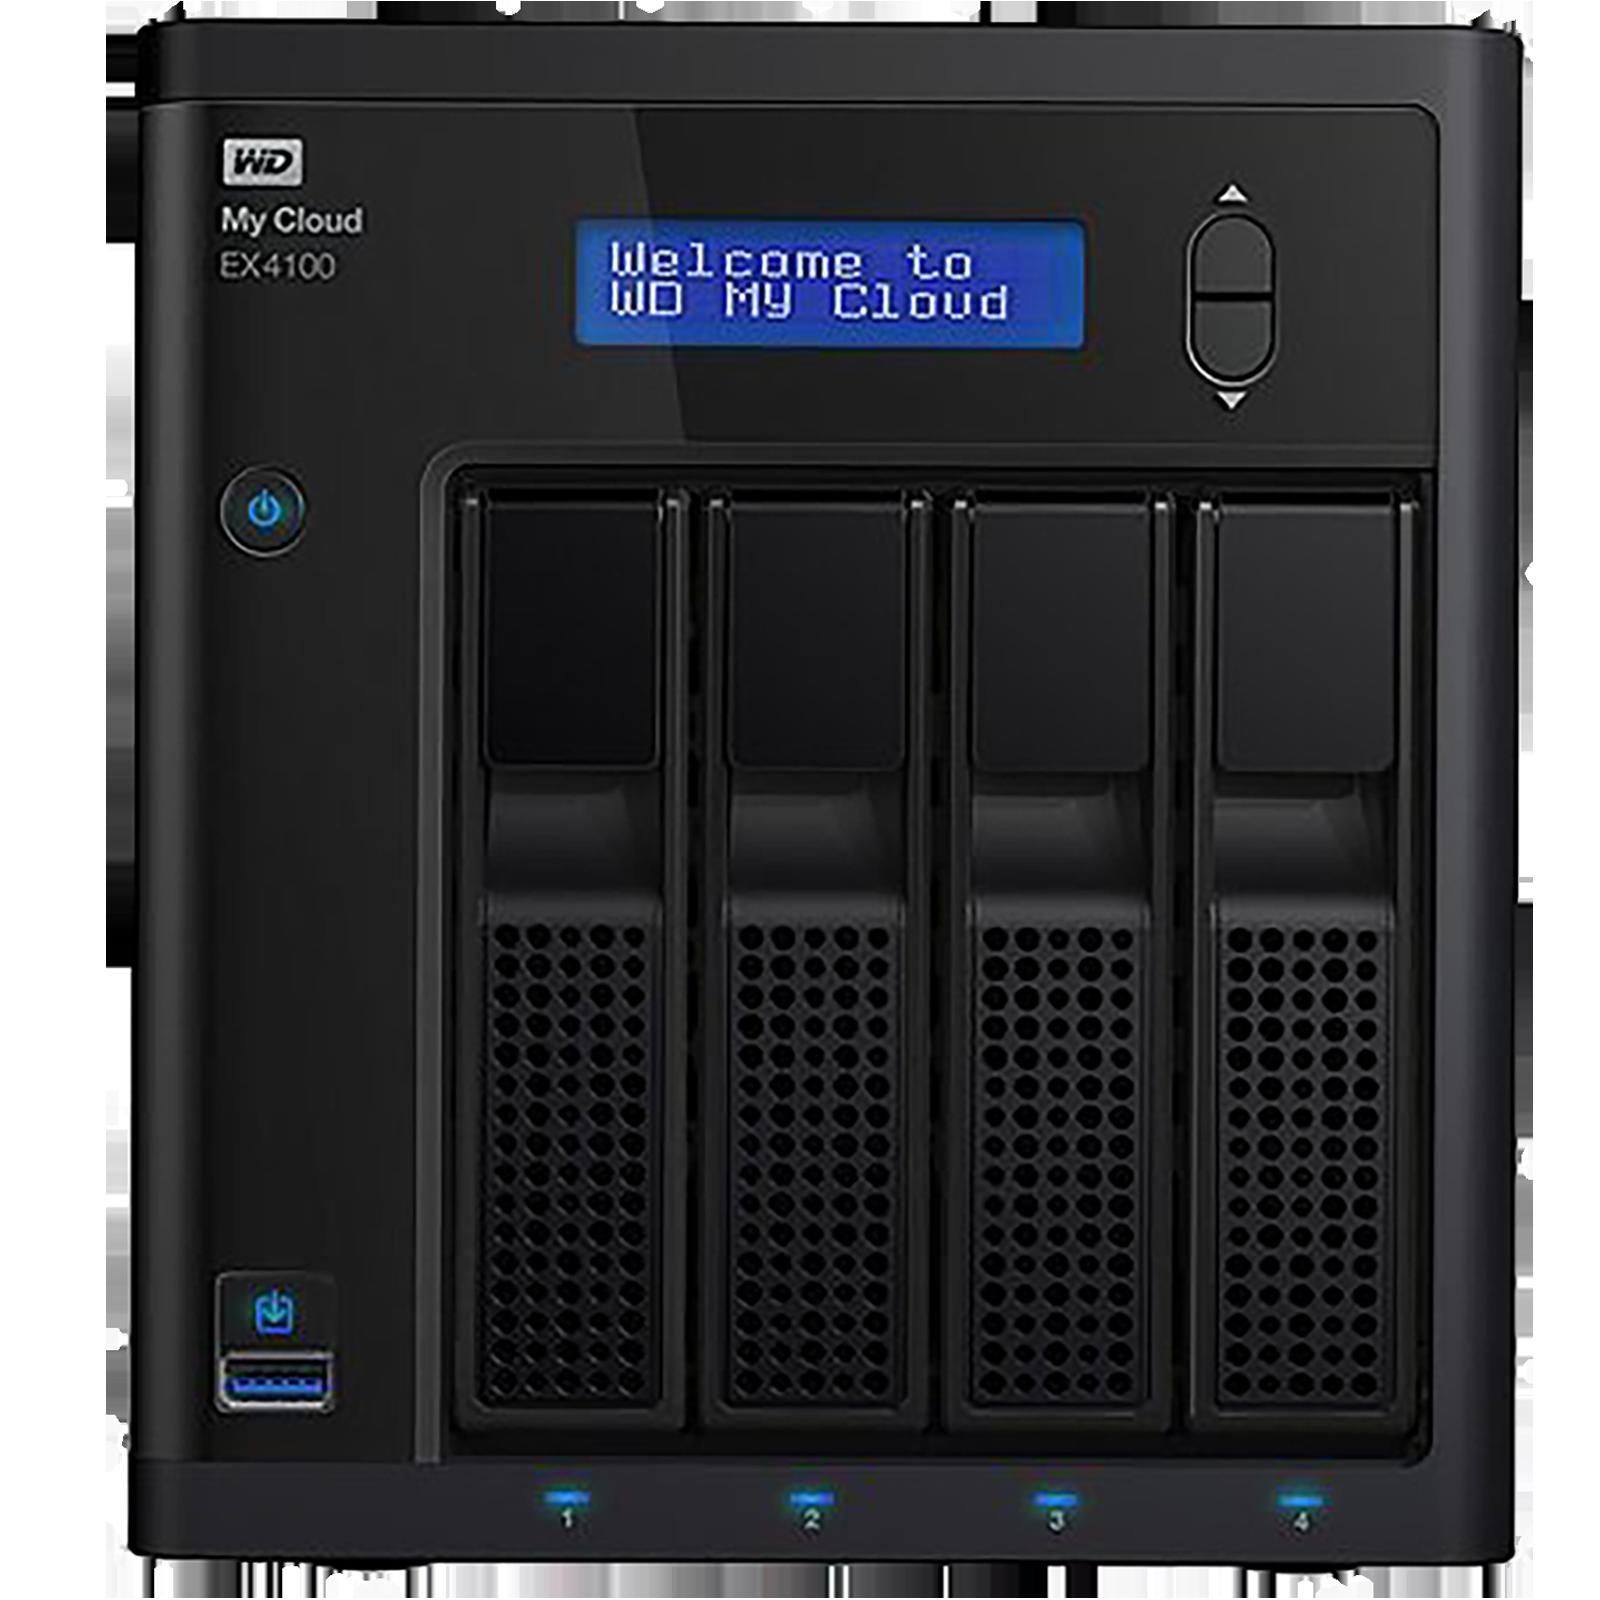 Western Digital My Cloud 24 TB USB 1.1 Network Attached Storage (JBOD Easy Set Up, WDBWZE0240KBK-BESN, Black)_1